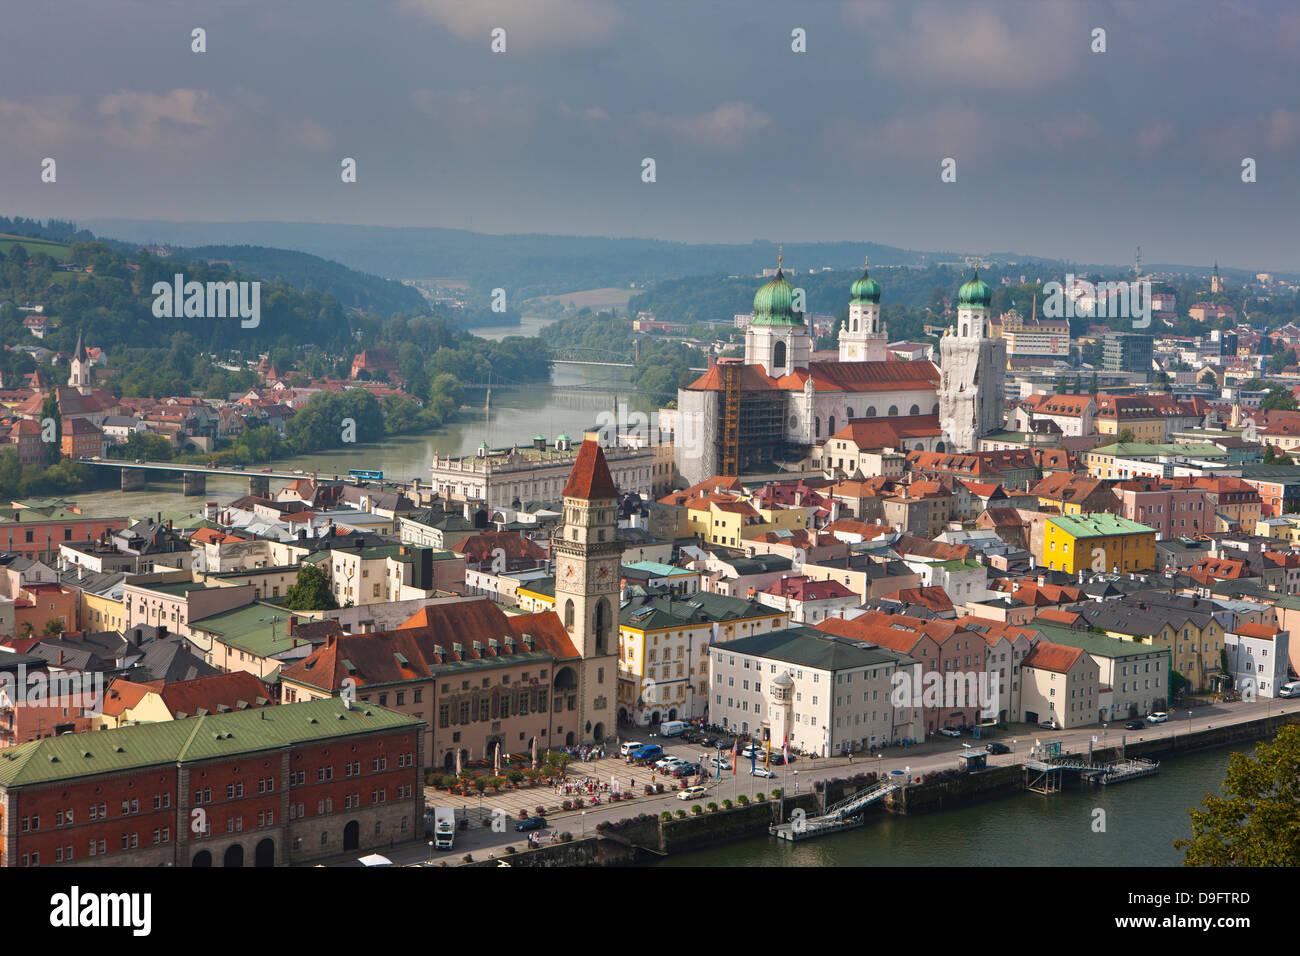 Vistas al río Danubio y Passau, Baviera, Alemania Foto de stock